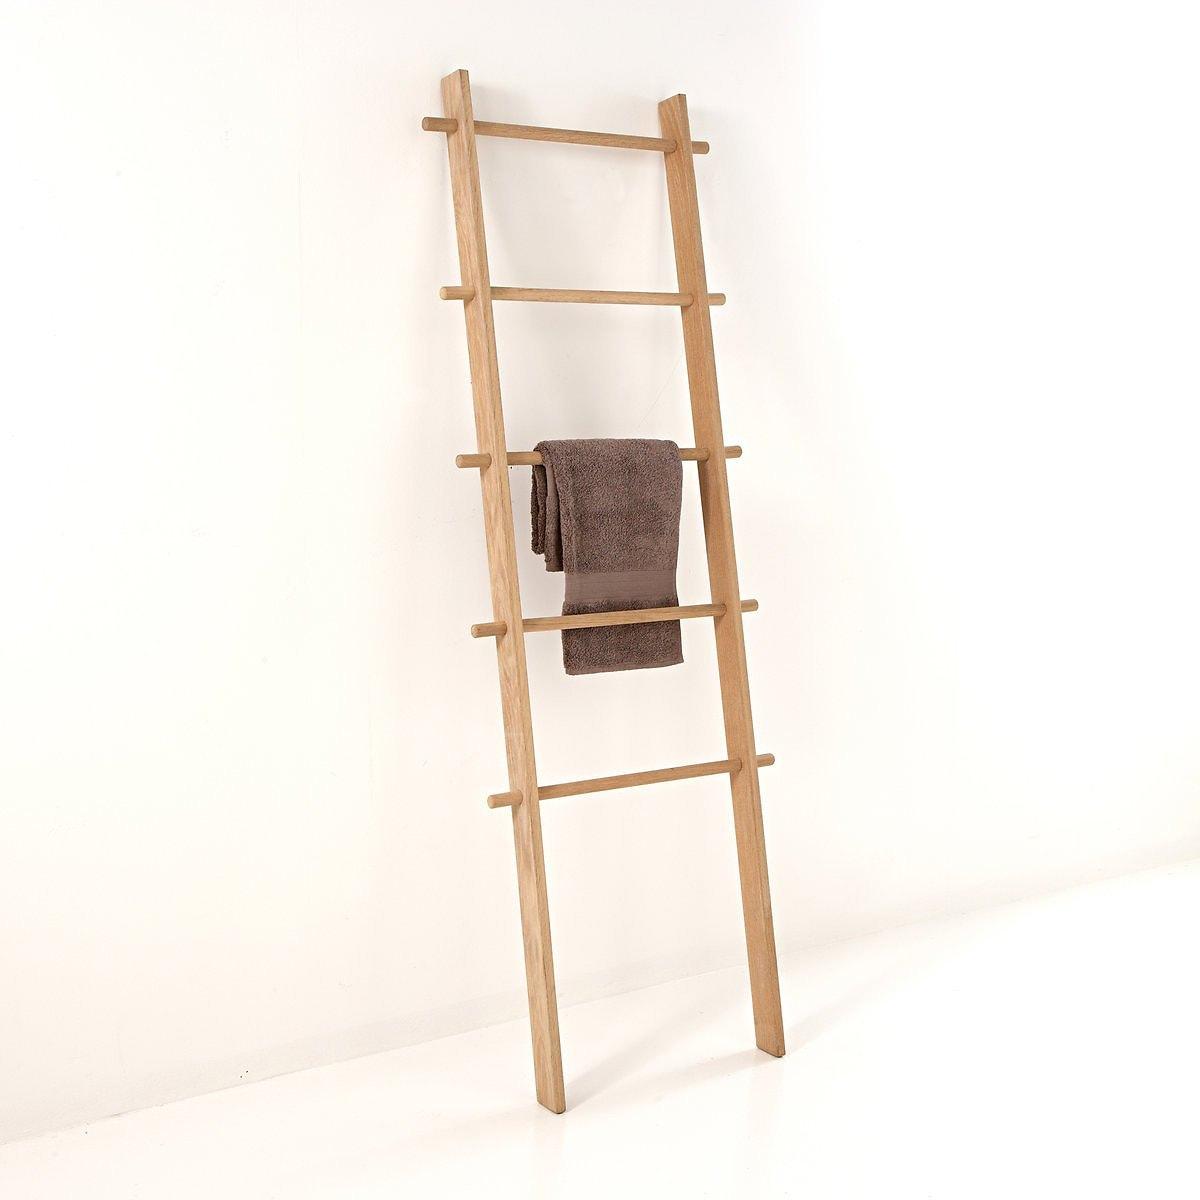 Ξύλινη σκάλα για πετσέτες με 5 θέσεις Scayle σπιτι   διακόσμηση   κρεμάστρες καλόγεροι